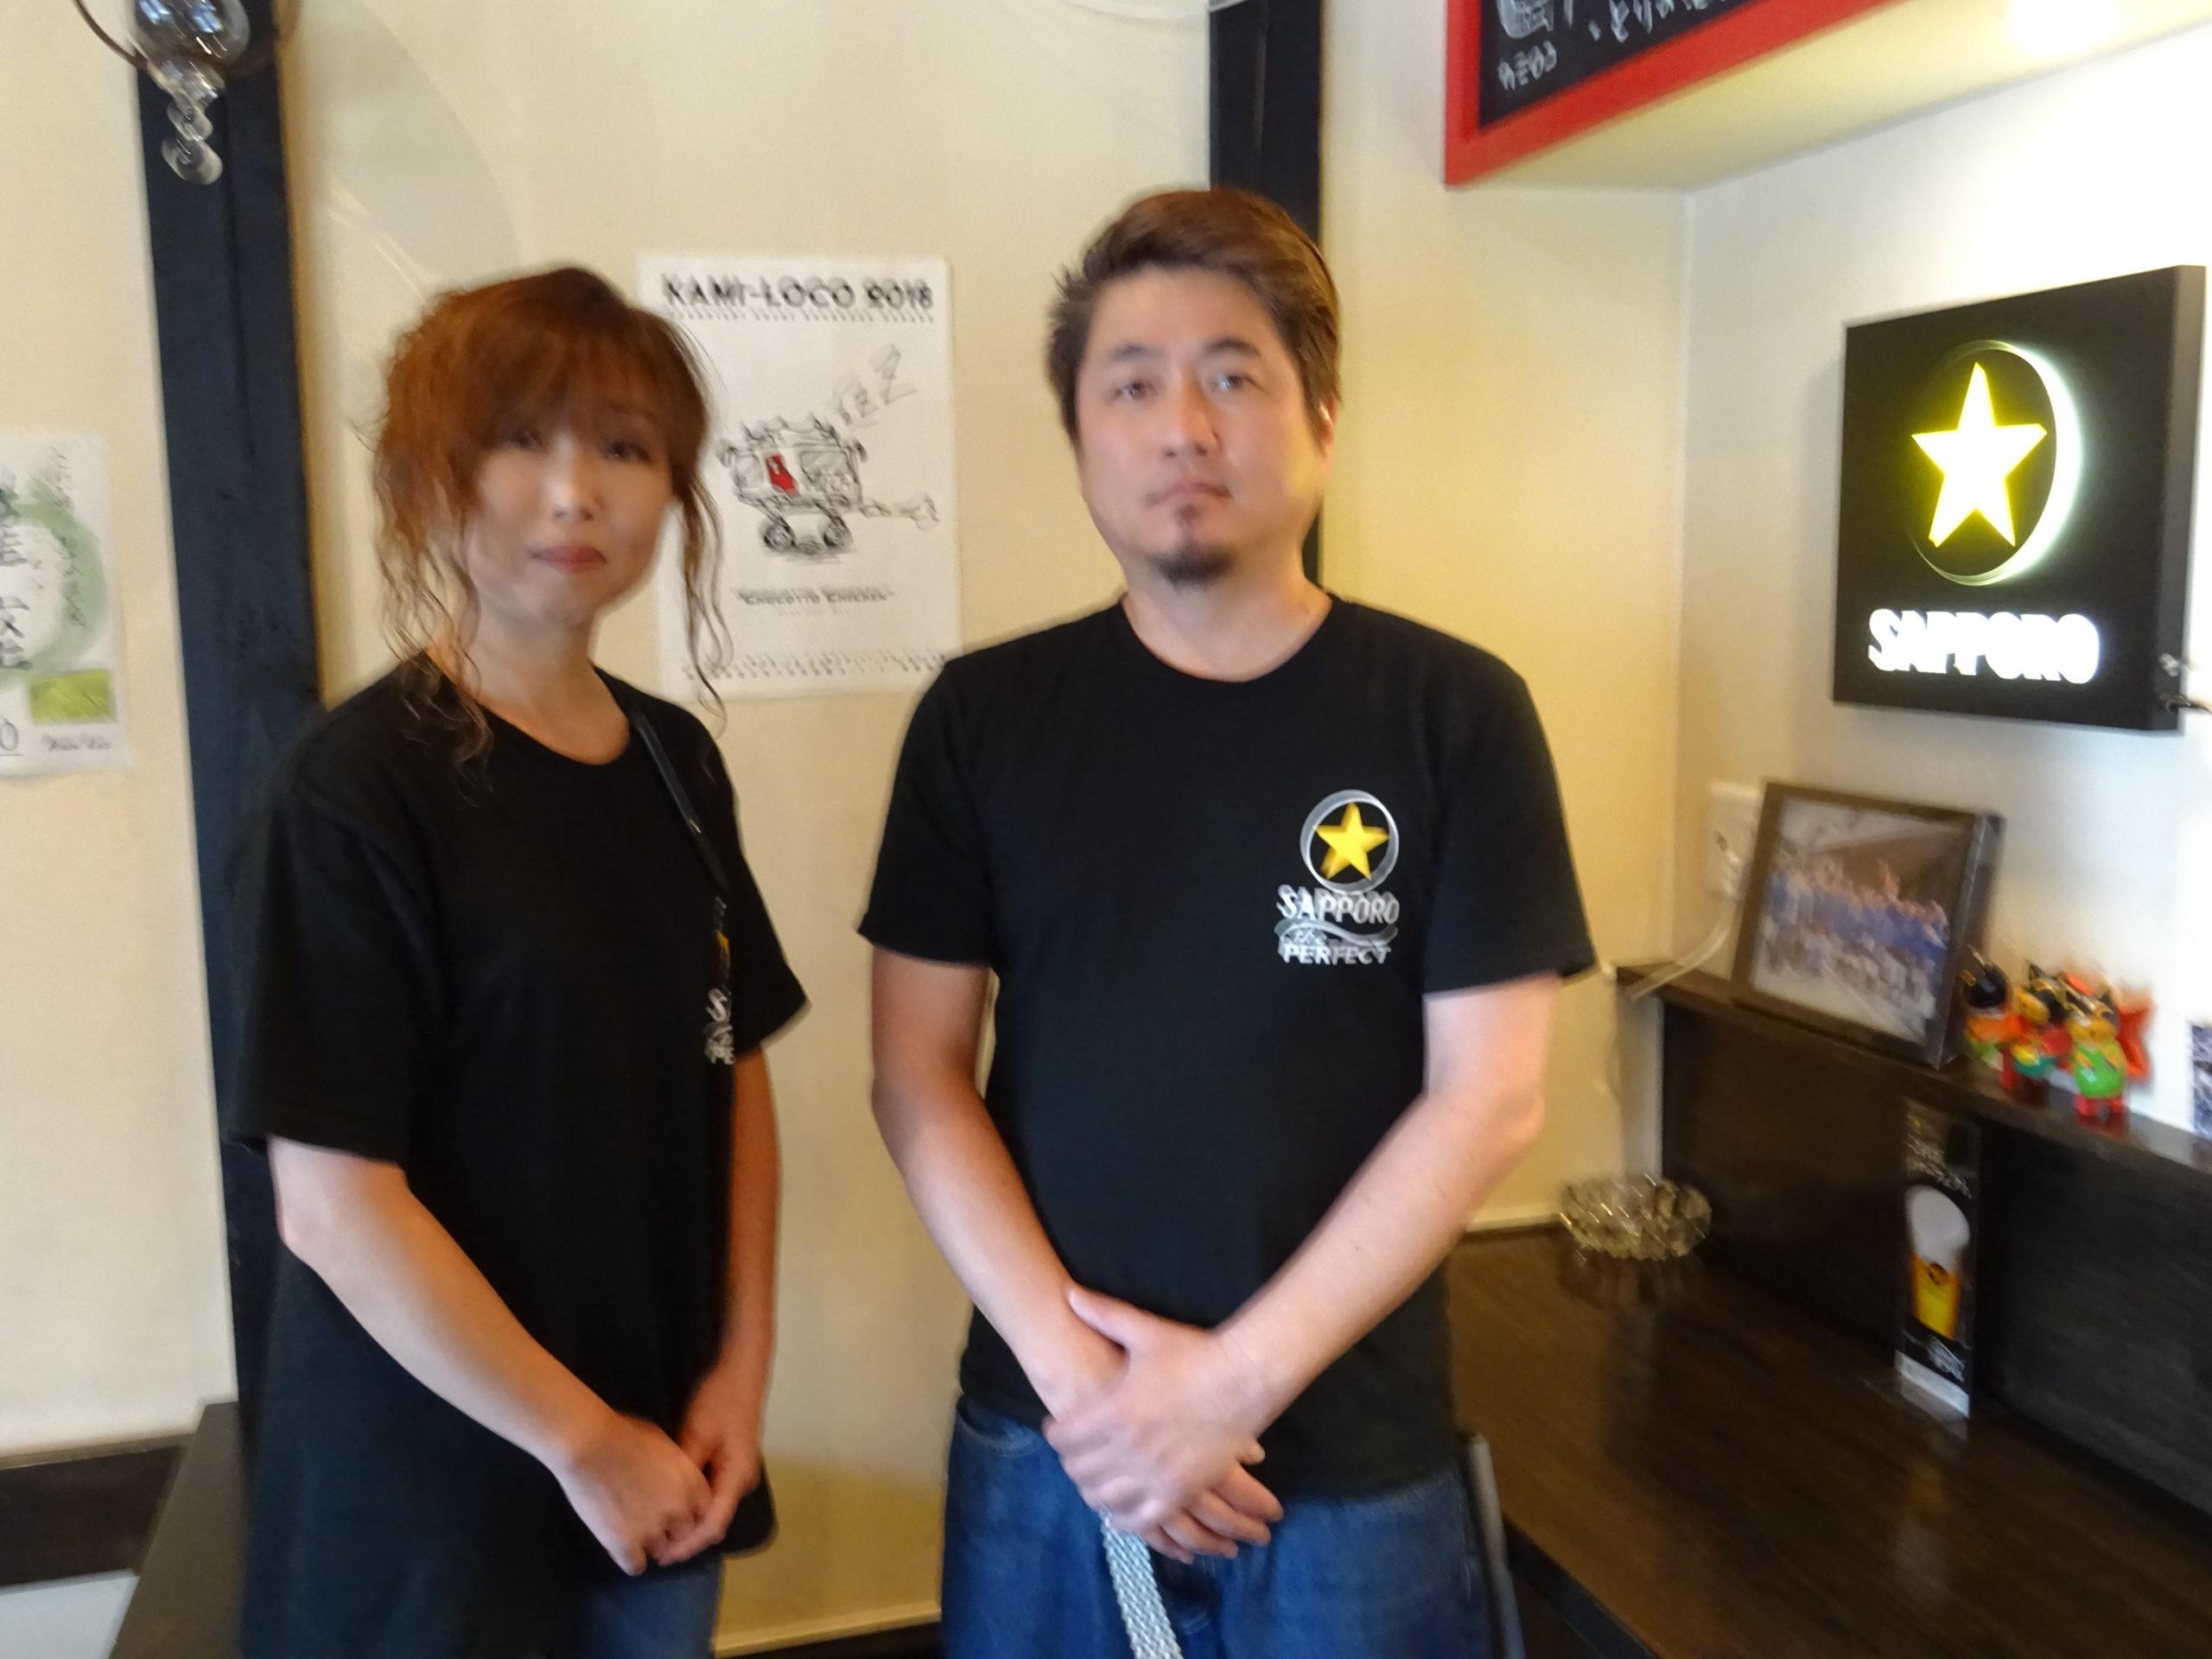 八日市ローカル食堂酒場:カミロコ